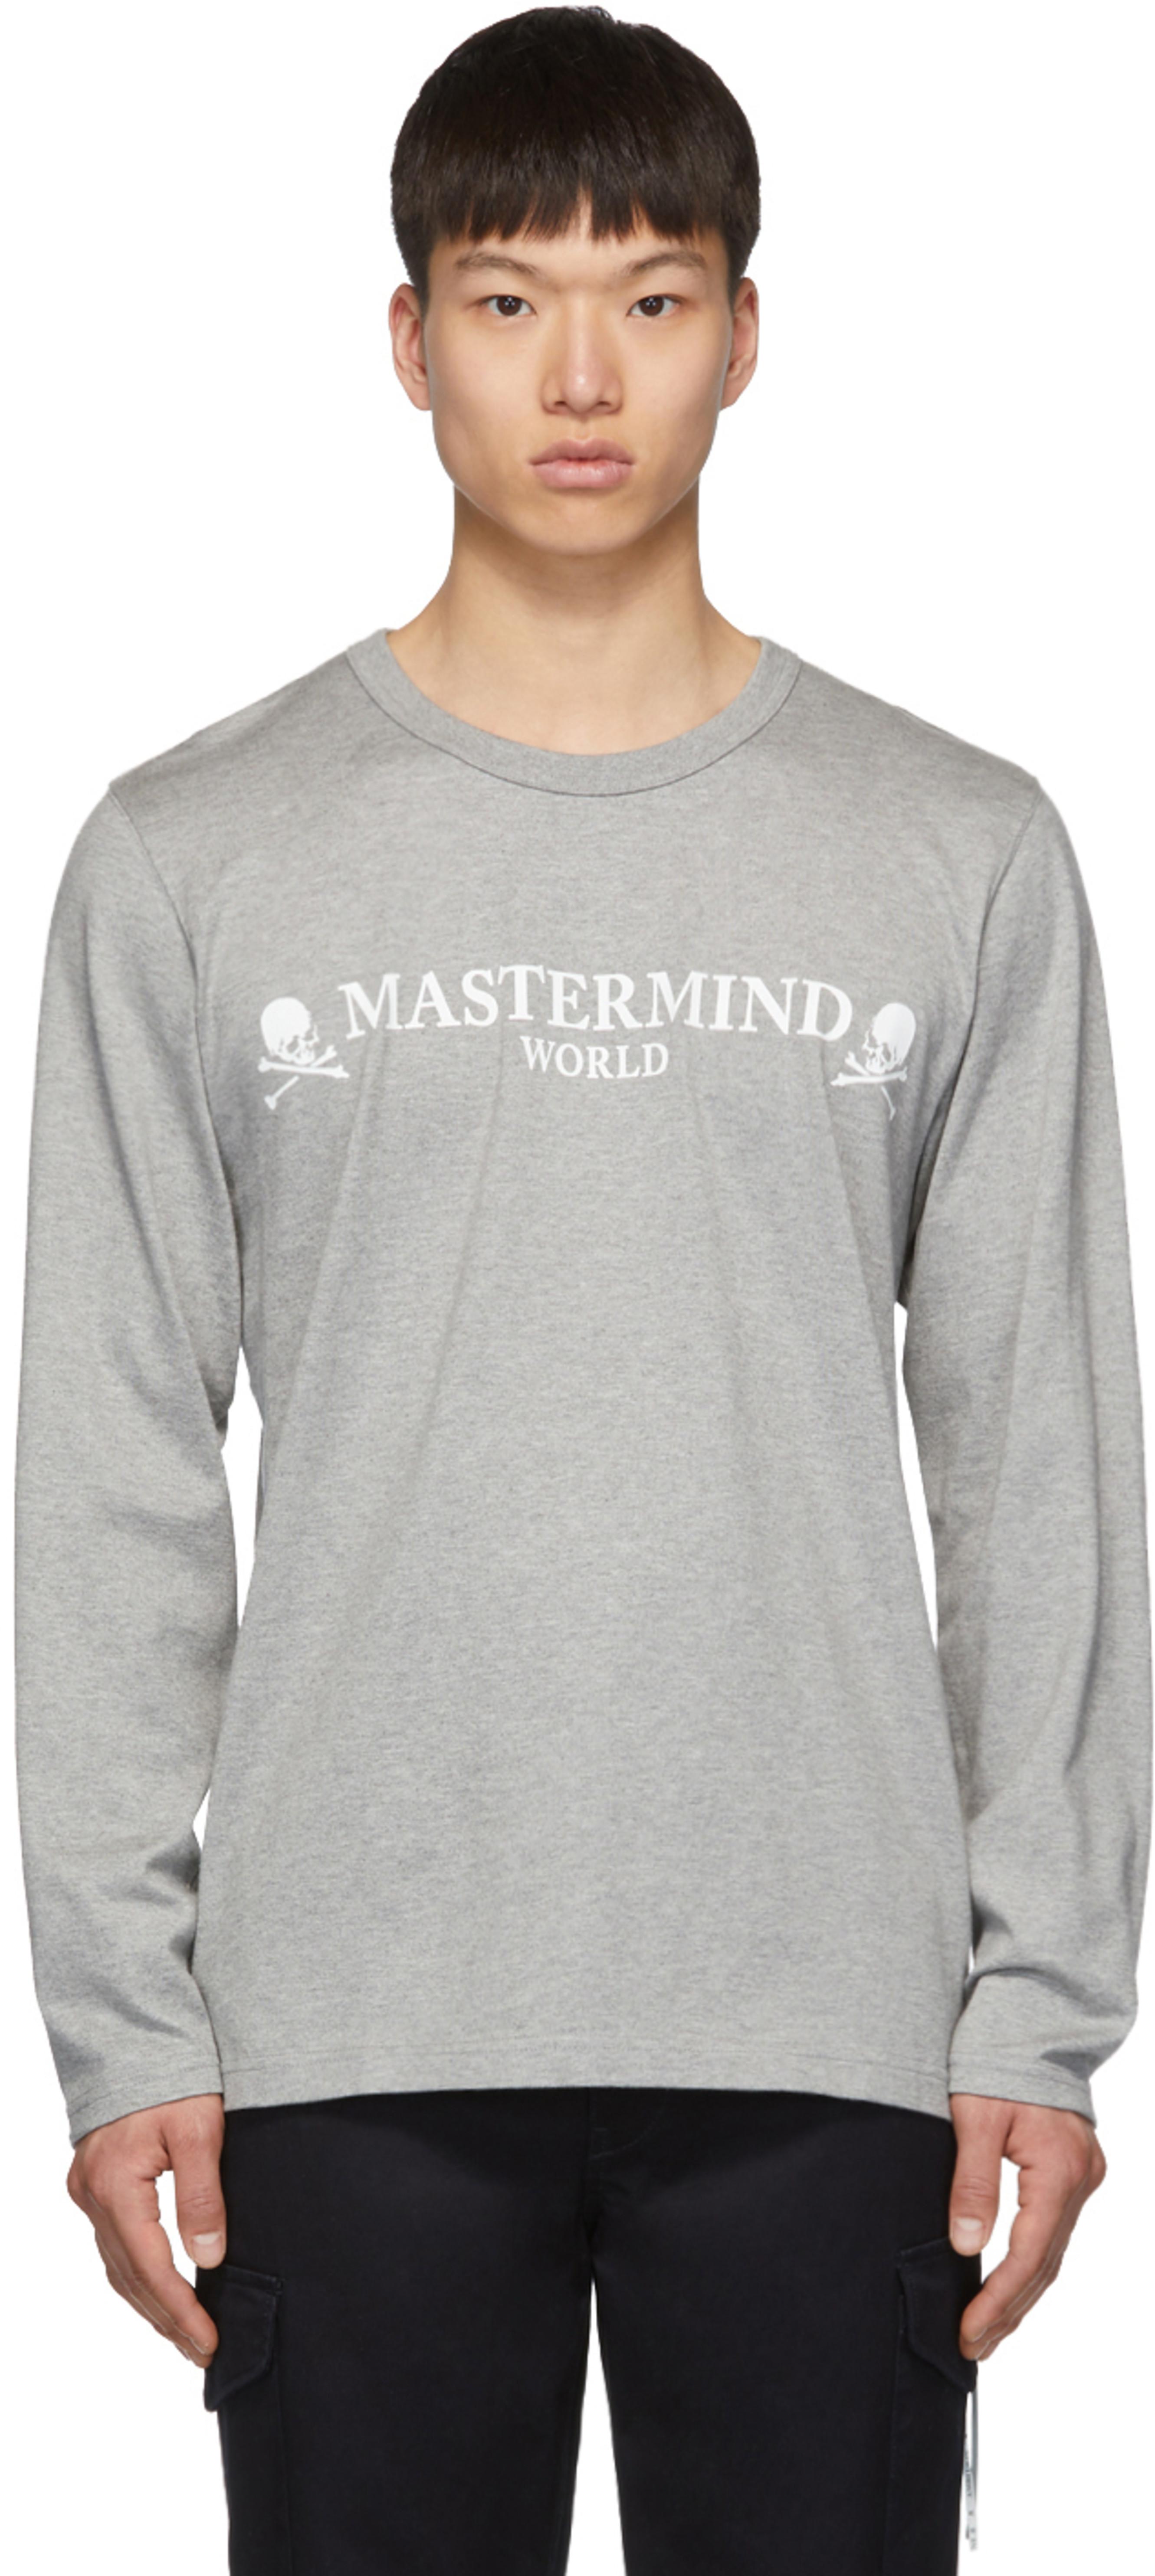 b369cf316f37 Mastermind World clothing for Men | SSENSE Canada